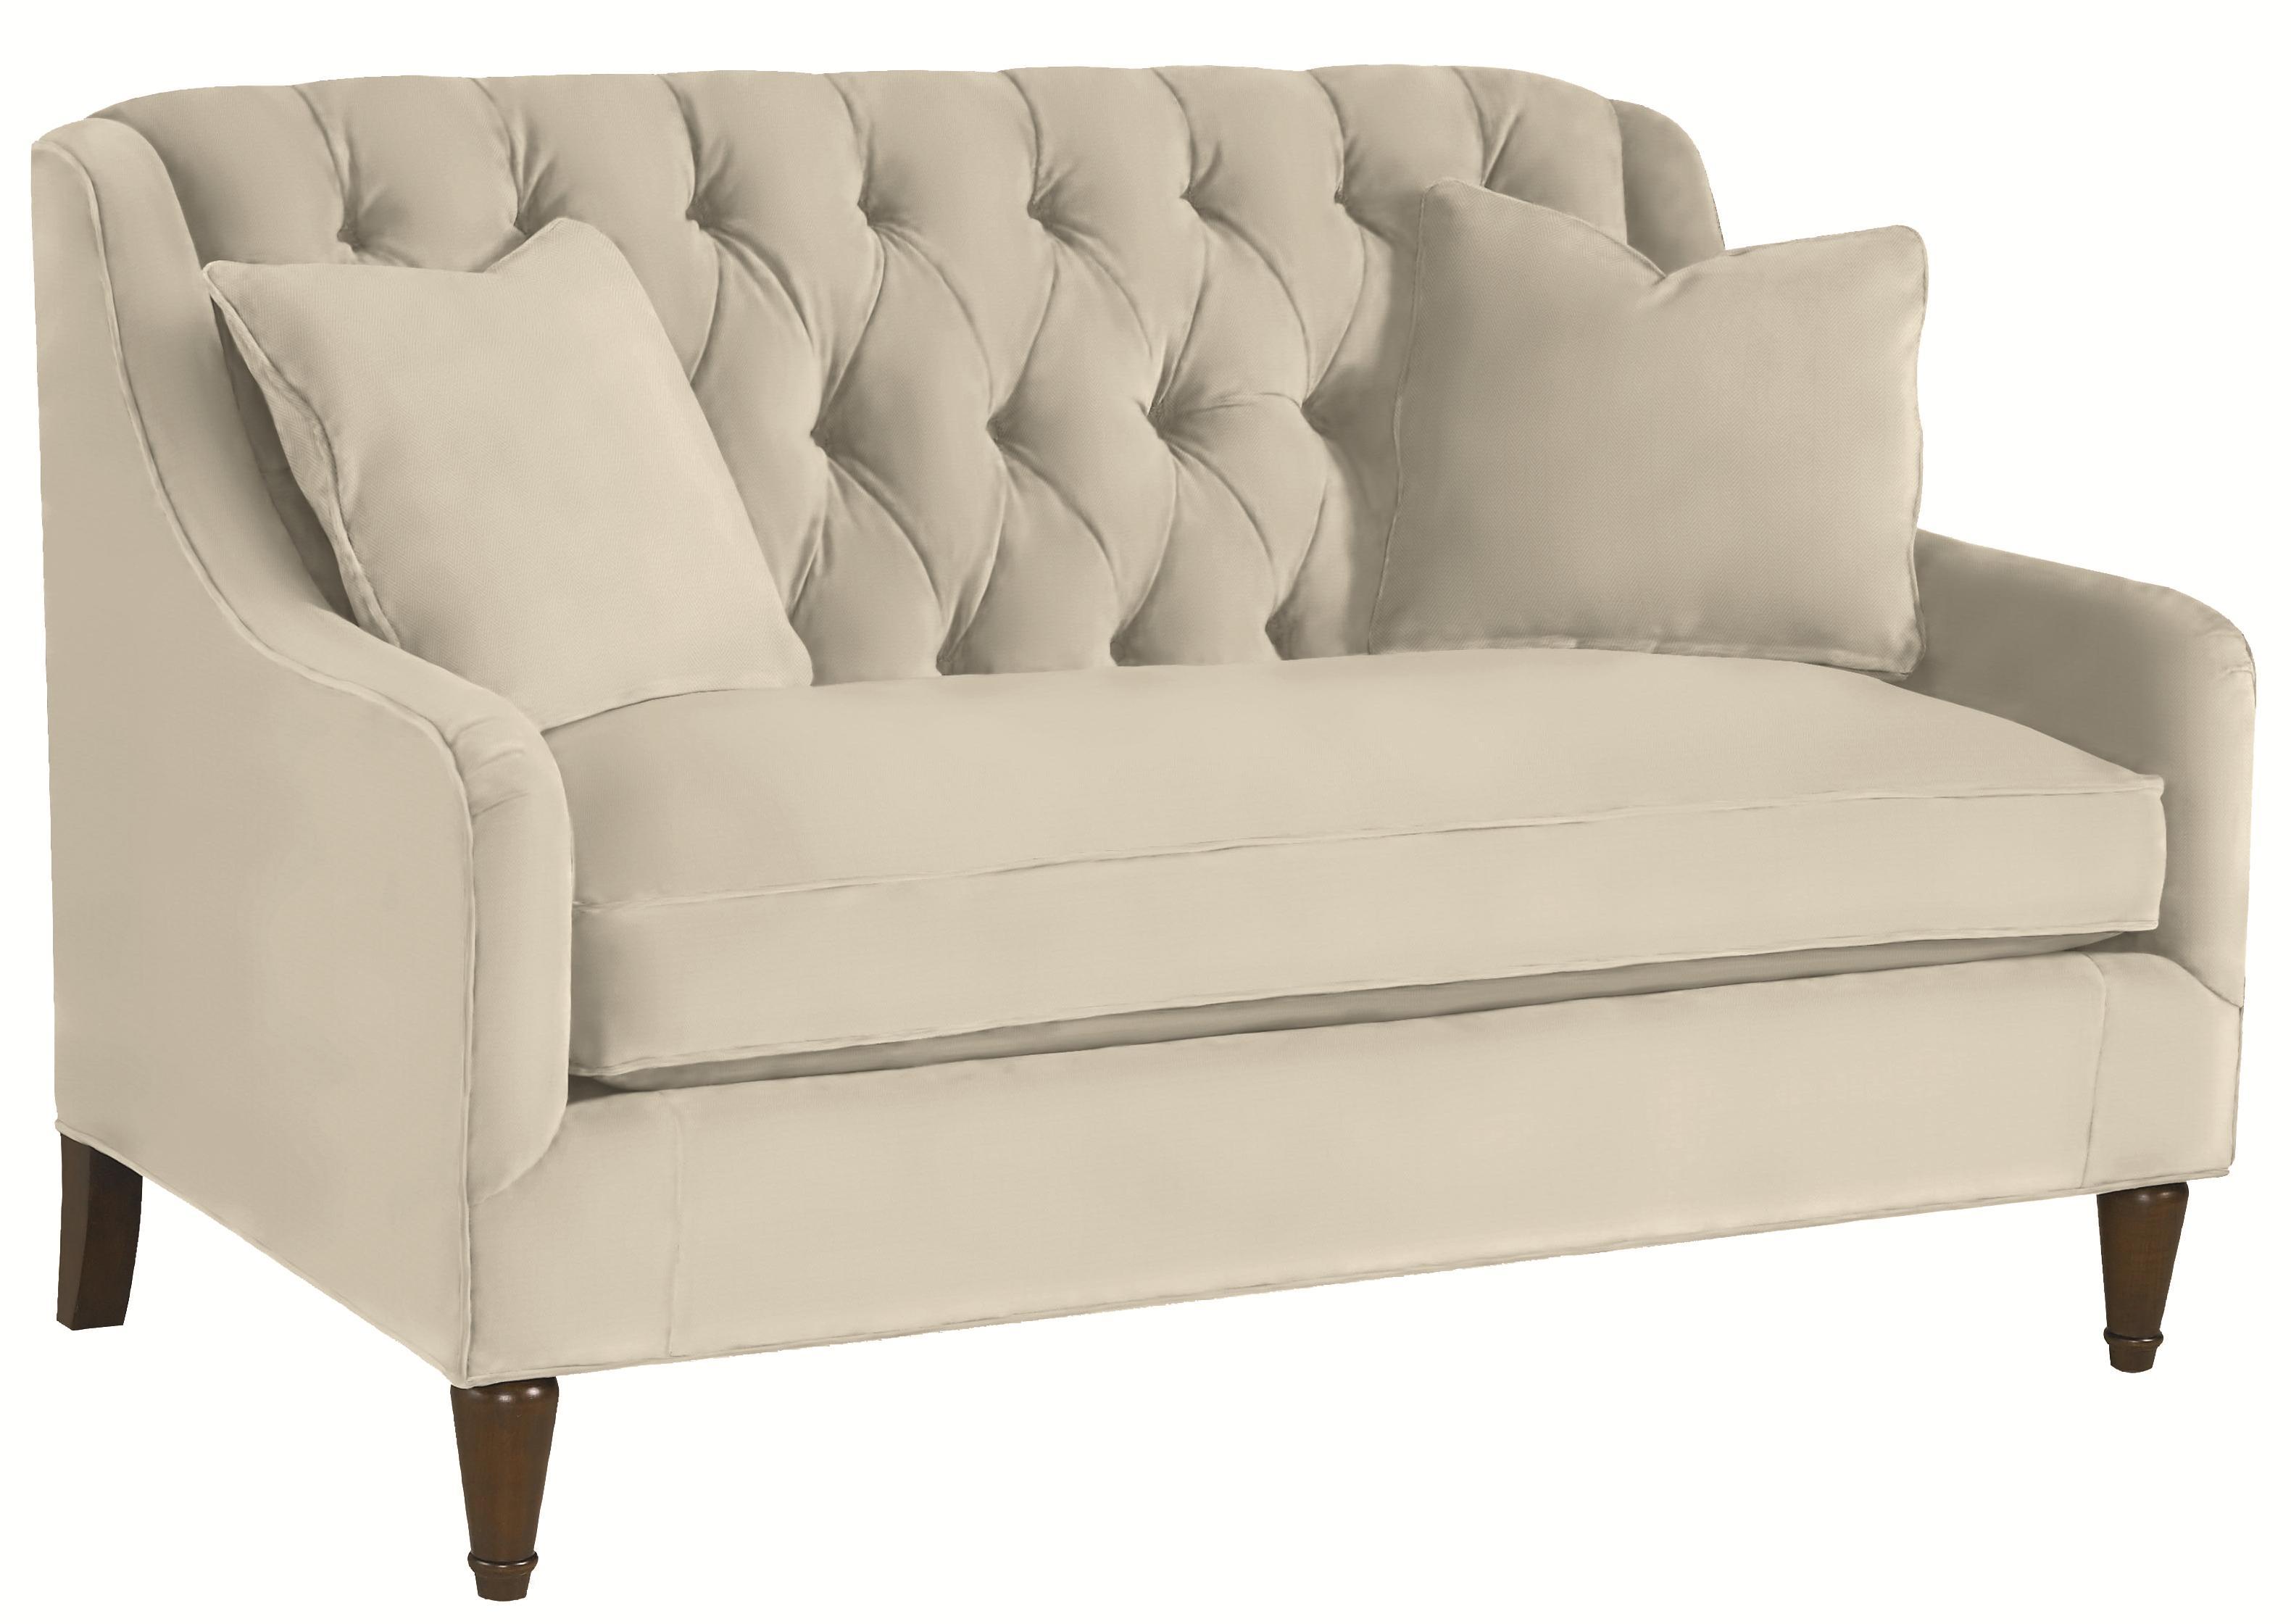 Thomasville® Barcelona Settee Sofa ...